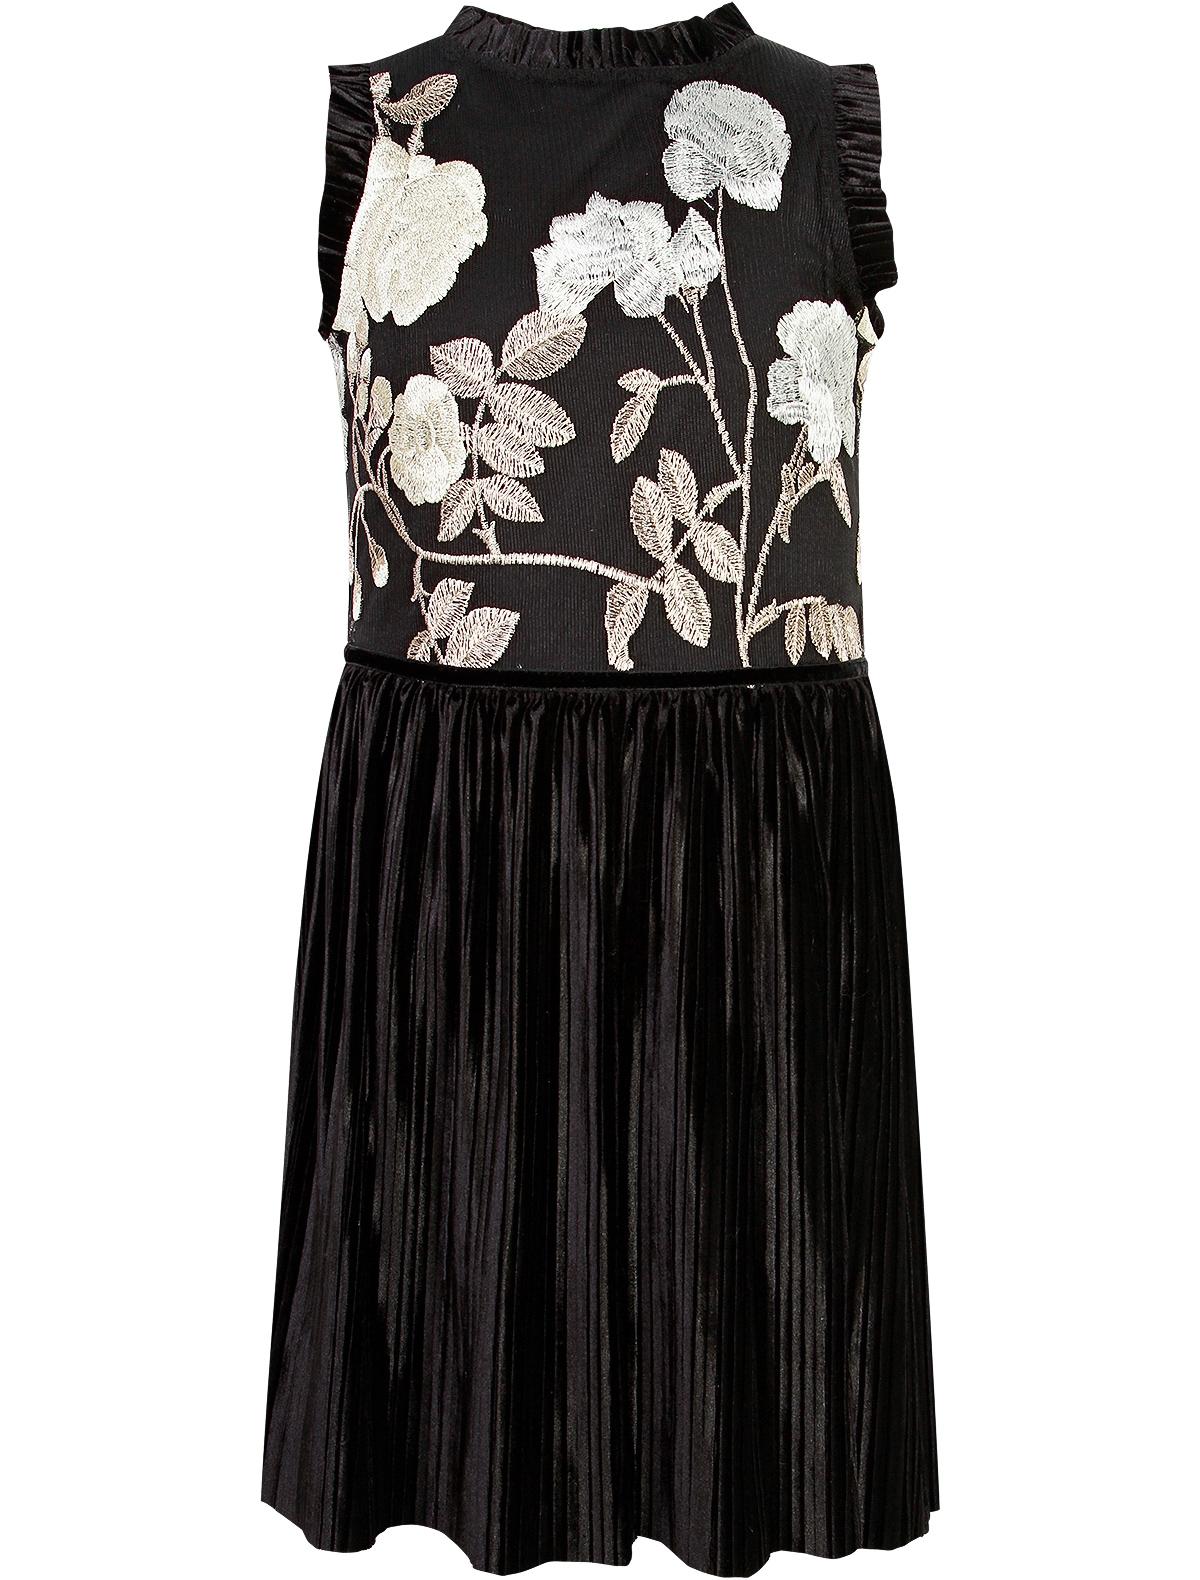 Купить 1867628, Платье David Charles, черный, Женский, 1051109880474